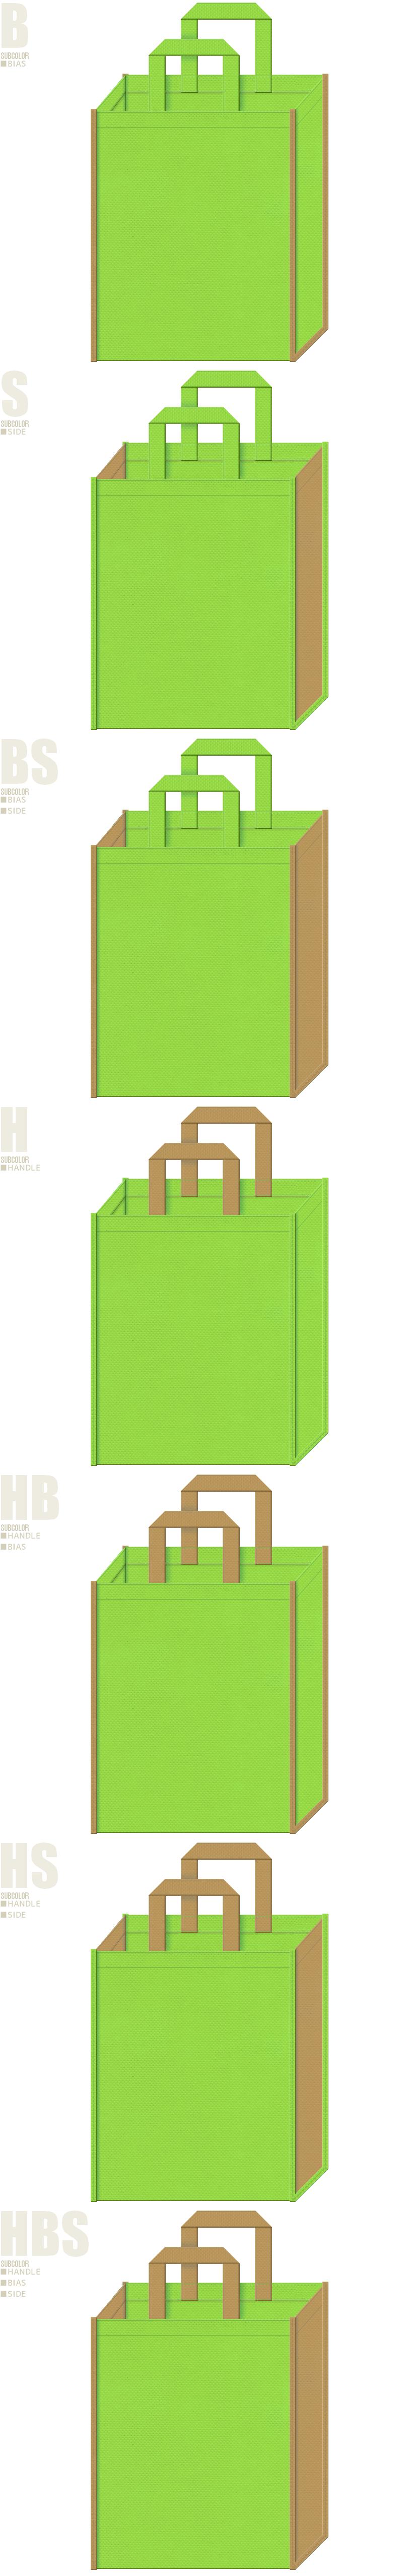 絵本・牧場・酪農・農業・肥料・種苗・キウイフルーツ・産直市場・園芸用品・DIYの展示会用バッグにお奨めの不織布バッグデザイン:黄緑色と金黄土色の配色7パターン